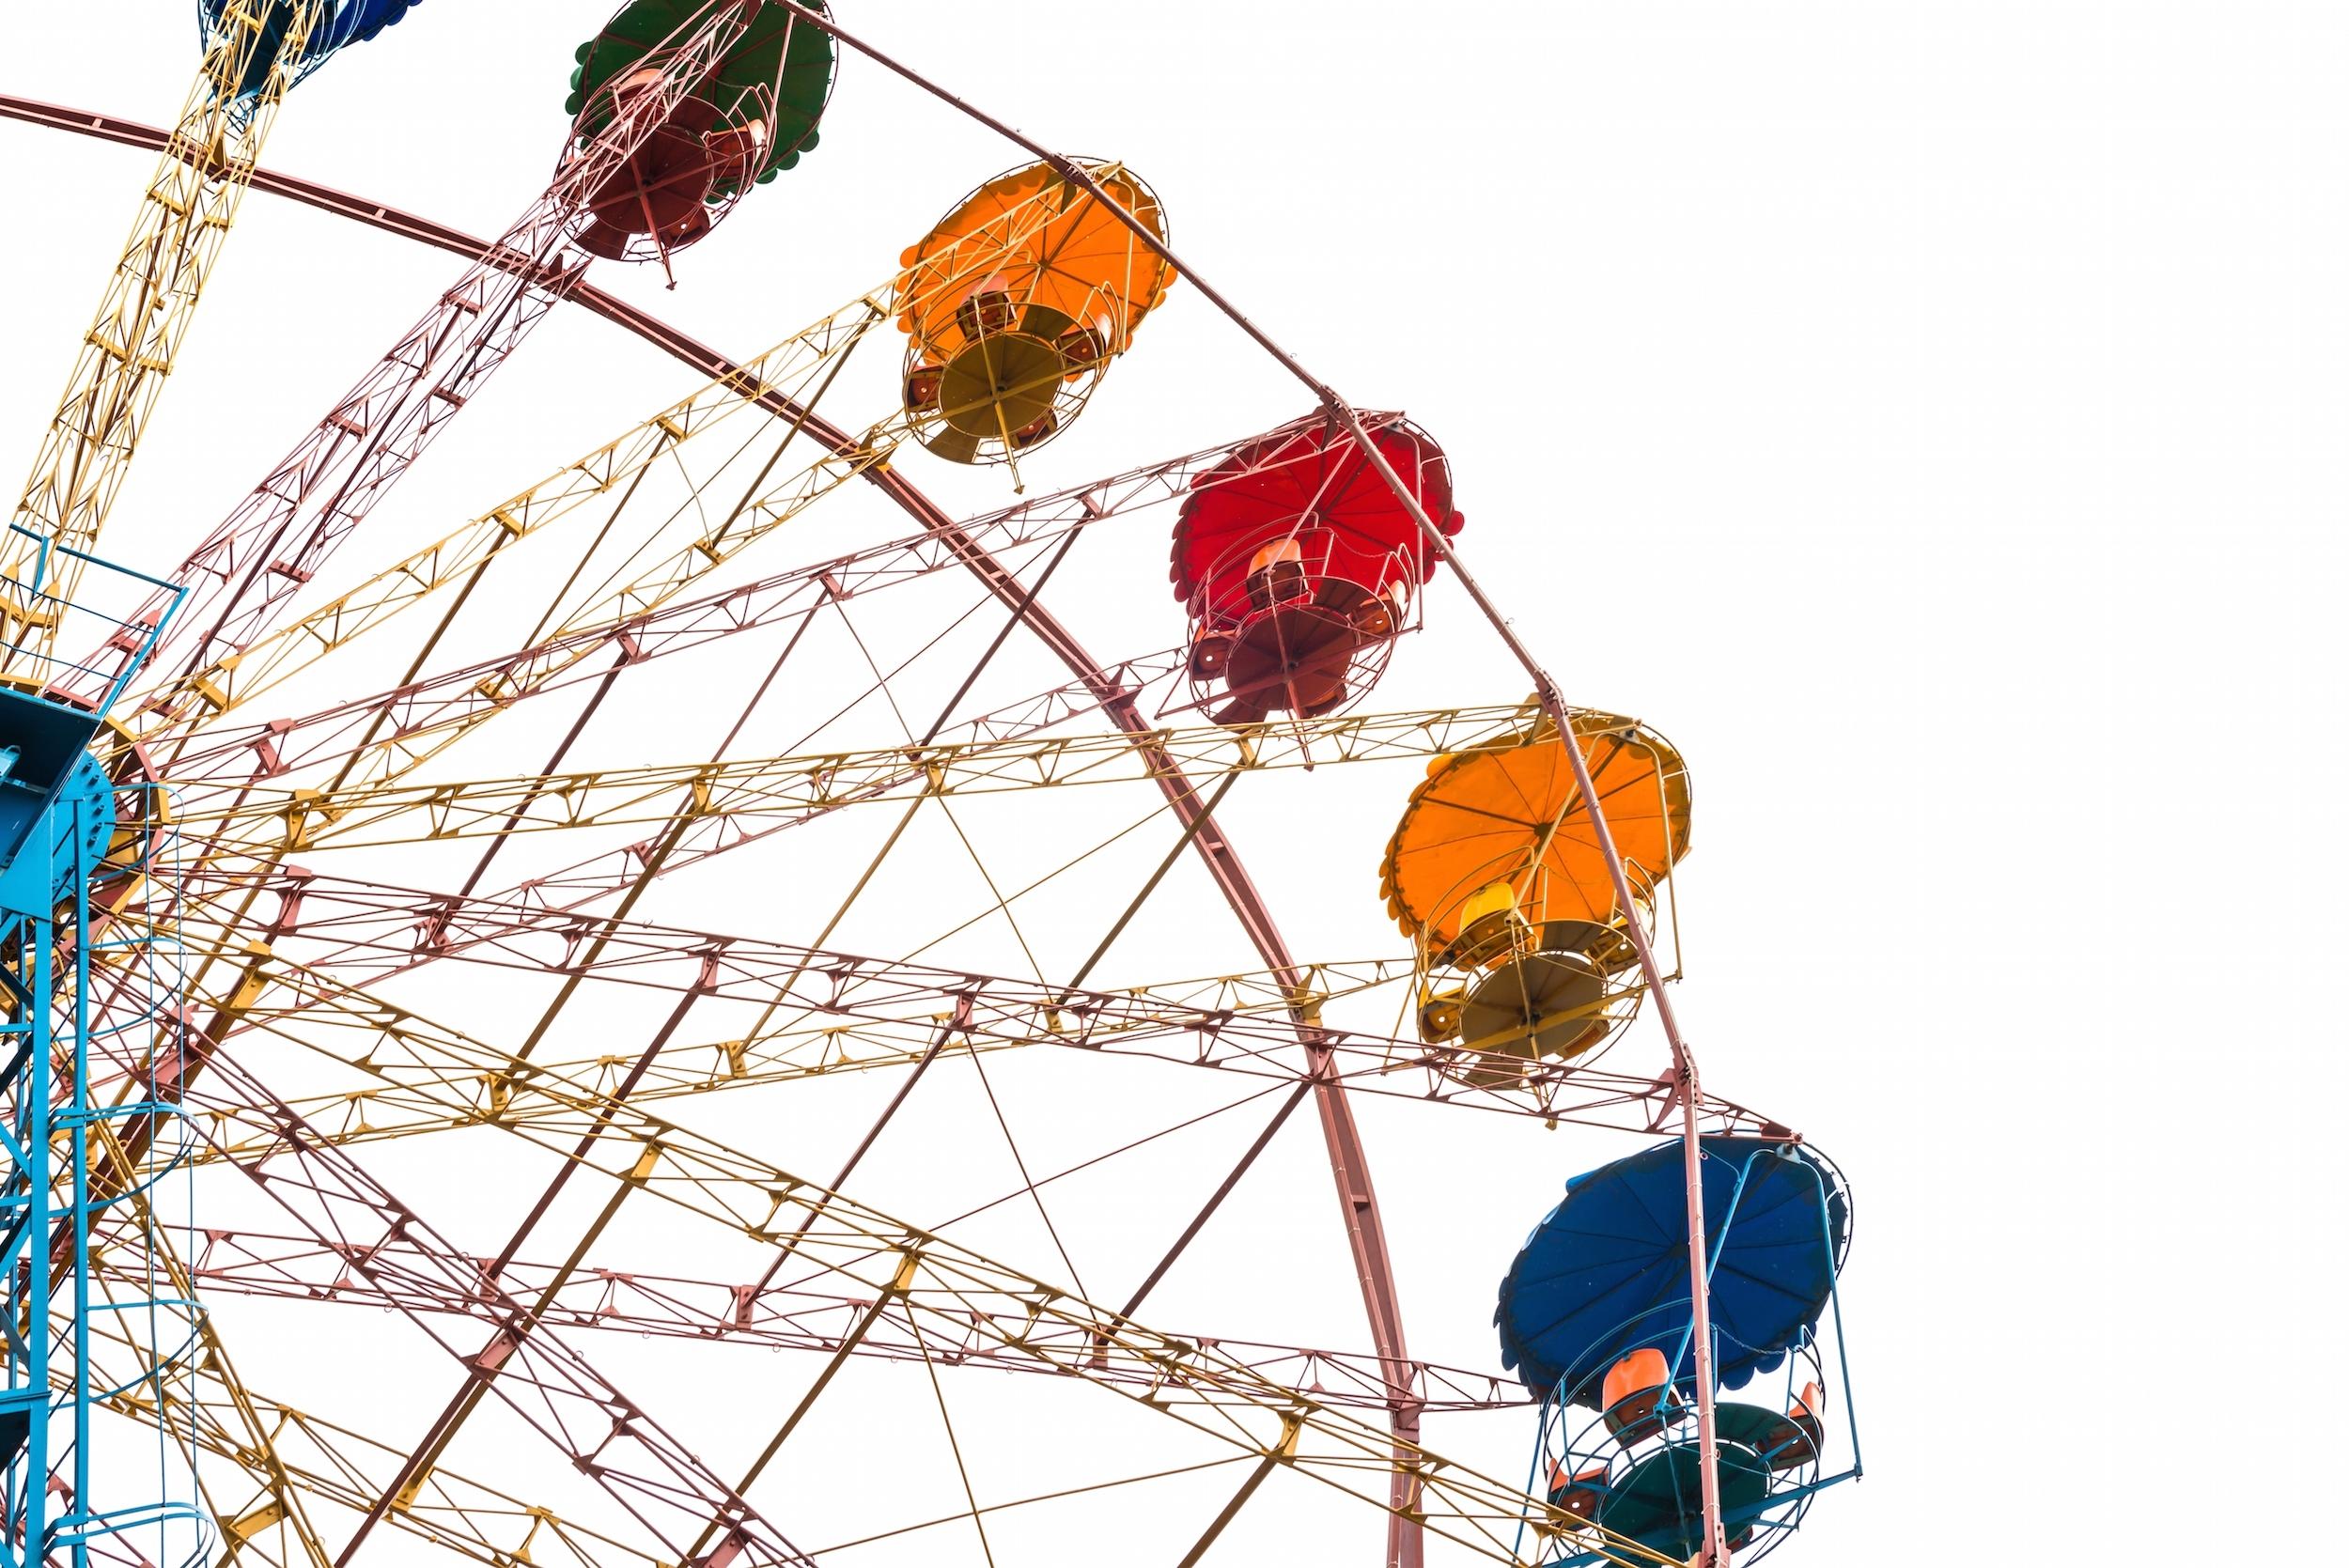 3f77e38ecfc6f57406dd_Fair_Ferris_Wheel.jpg